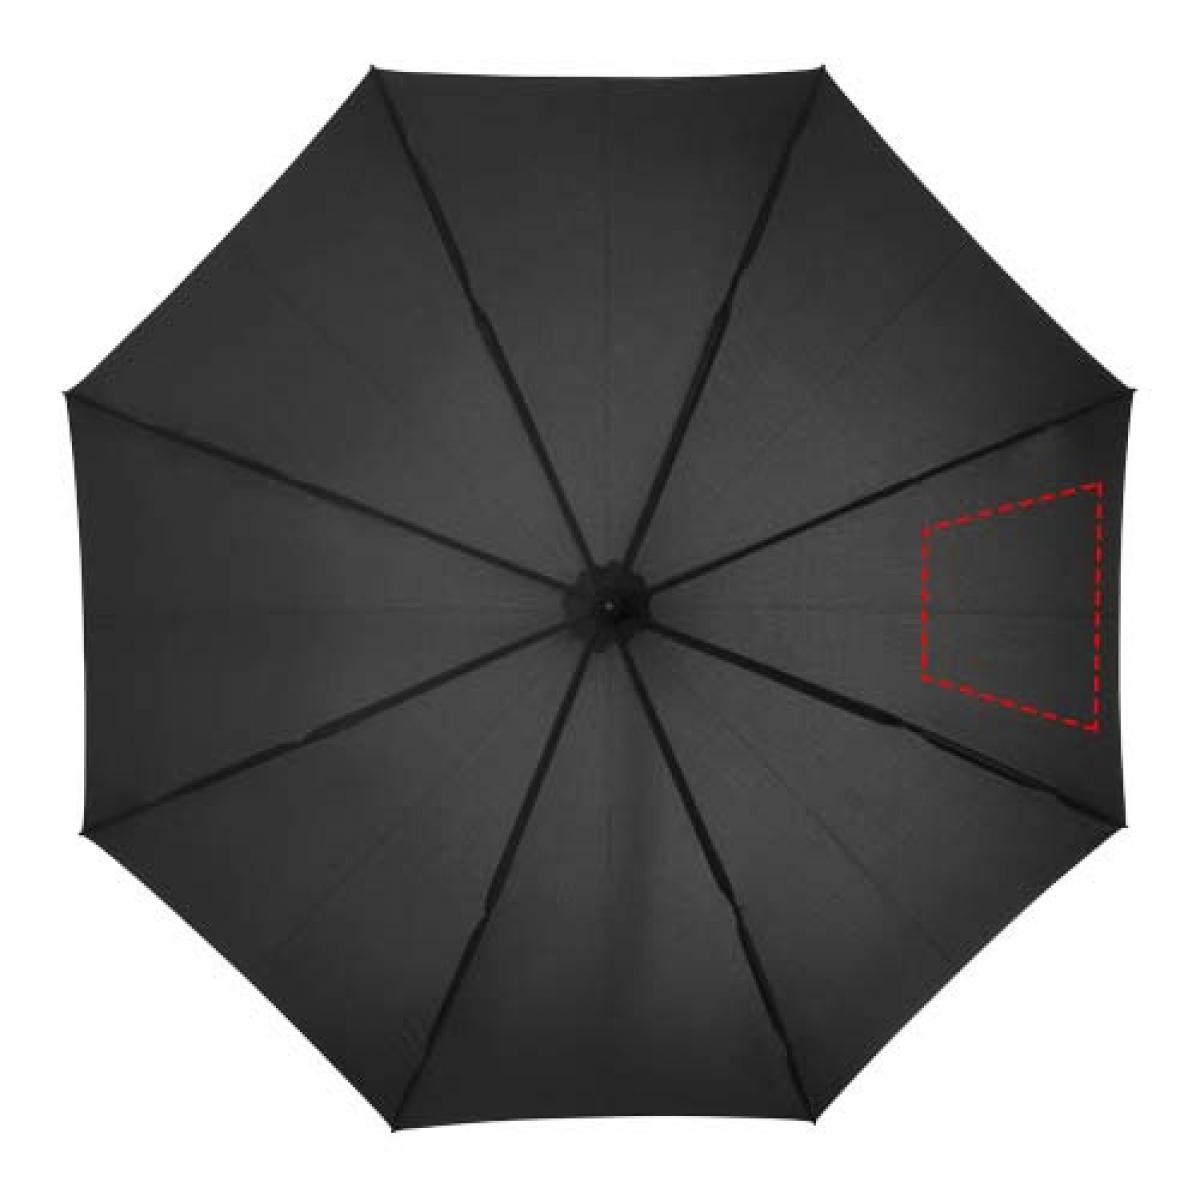 Noon automatische stormparaplu - 3de paneel